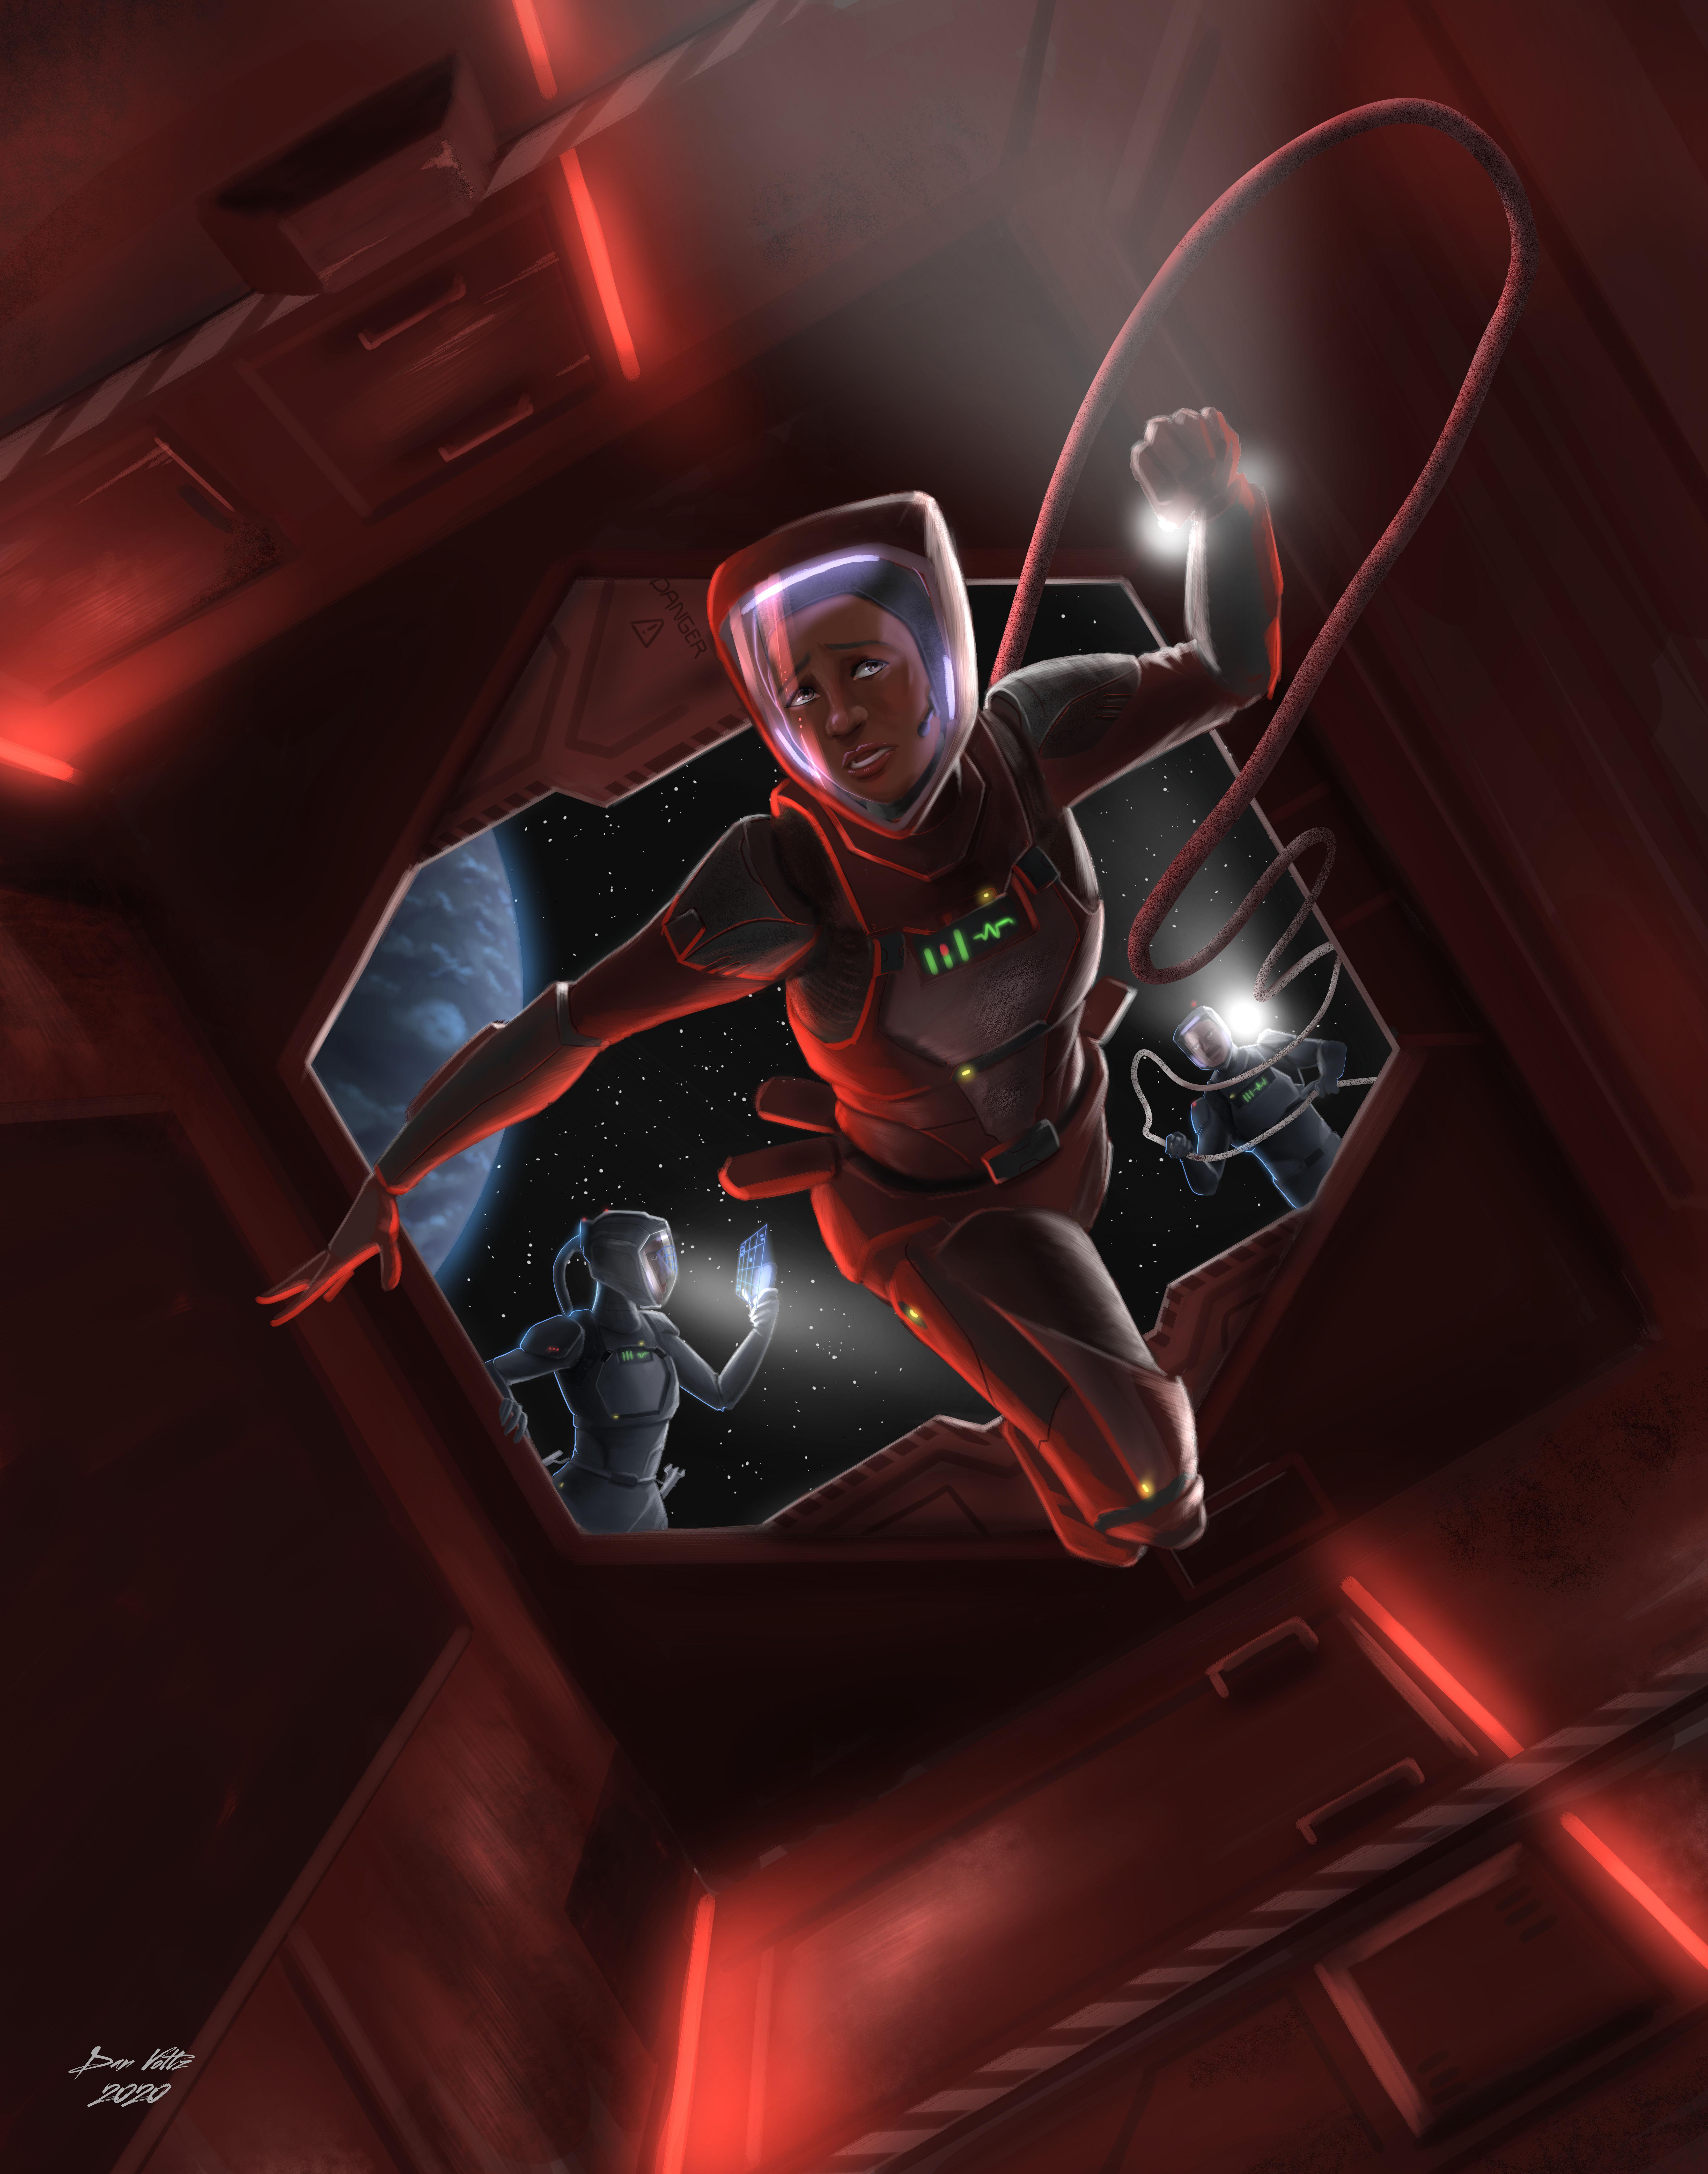 airlock-colors_dan_voltz-1